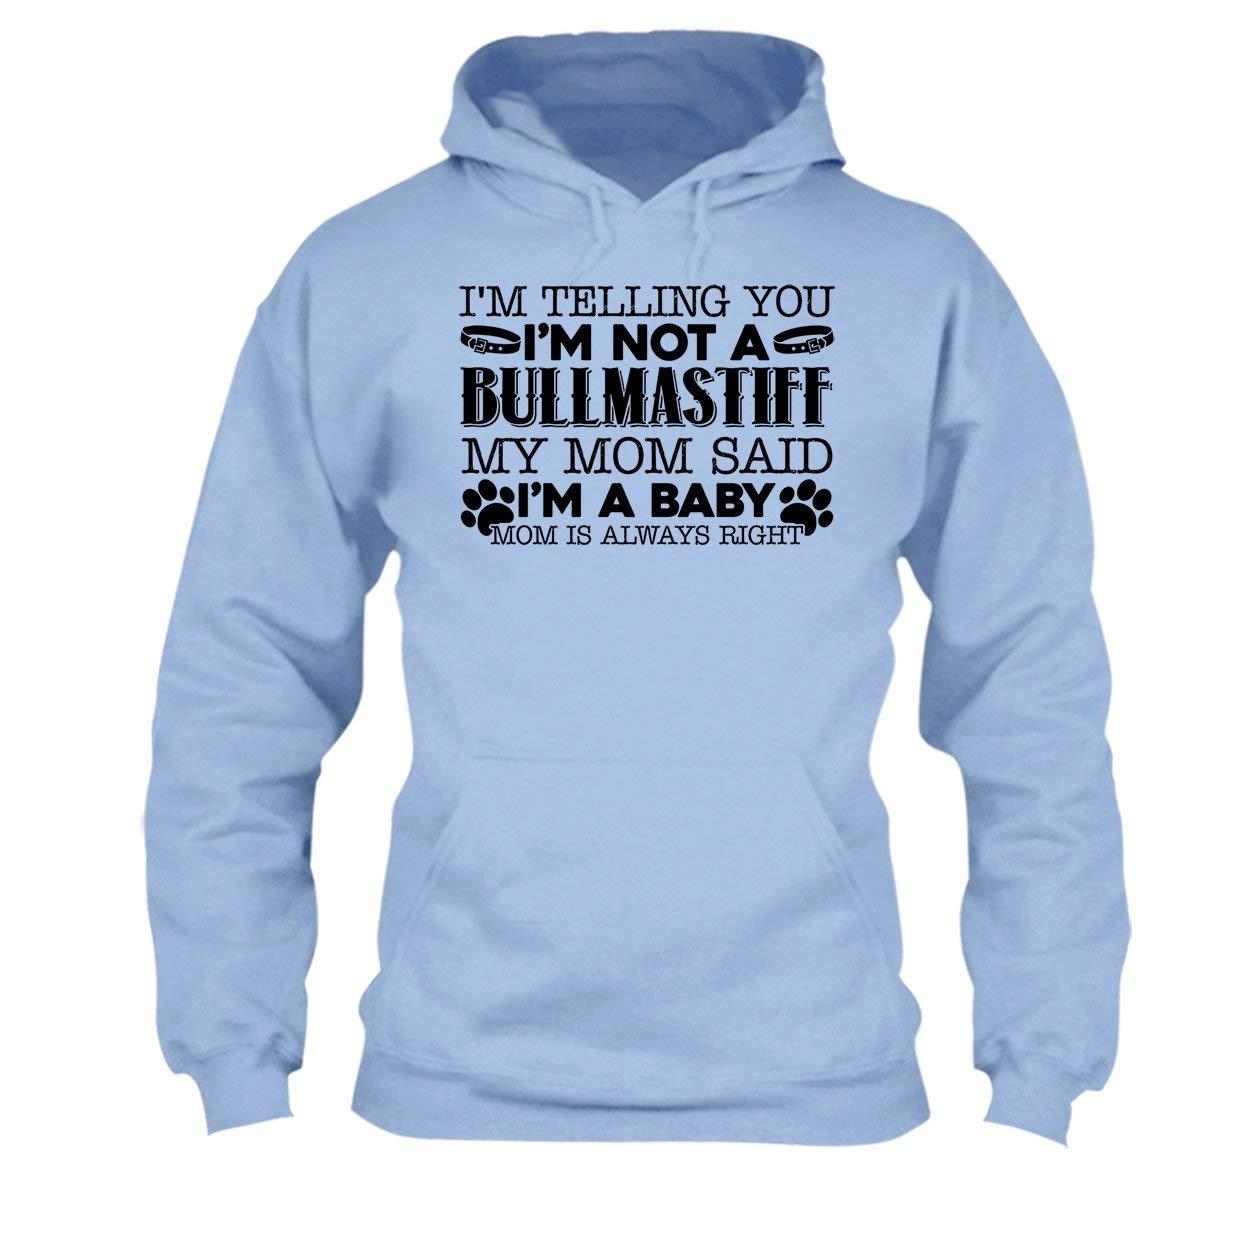 Cool Long Sleeve Shirt Bullmastiff Baby Tee Shirt